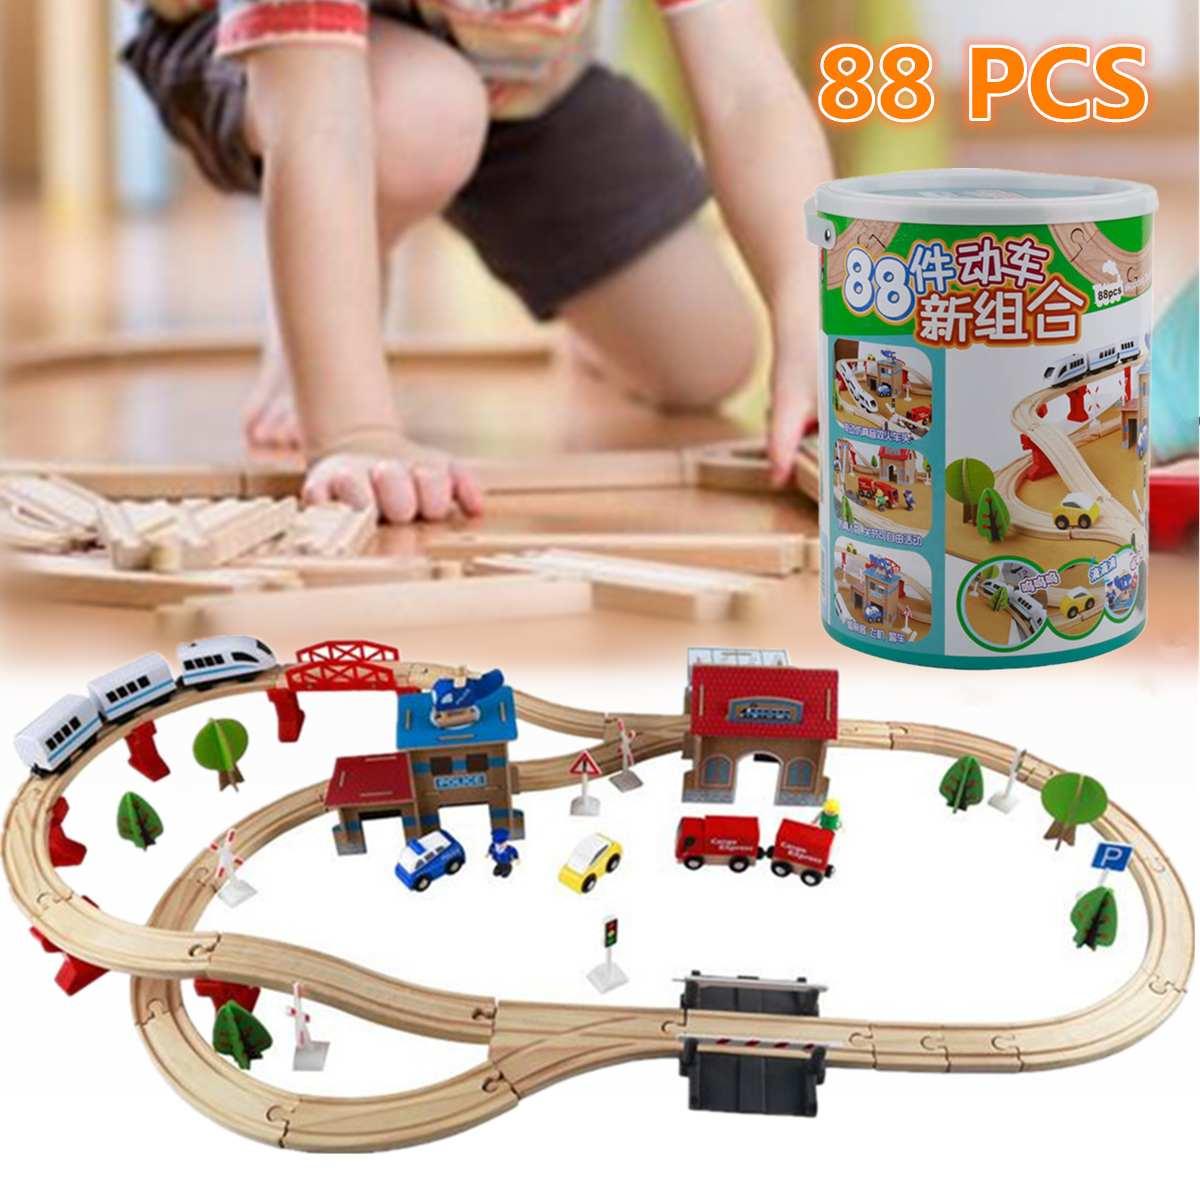 88 pièces en bois Train piste ensemble enfants en bois chemin de fer Puzzle fente Transit pistes Rail Transit Train Train chemin de fer jouets pour enfants cadeau